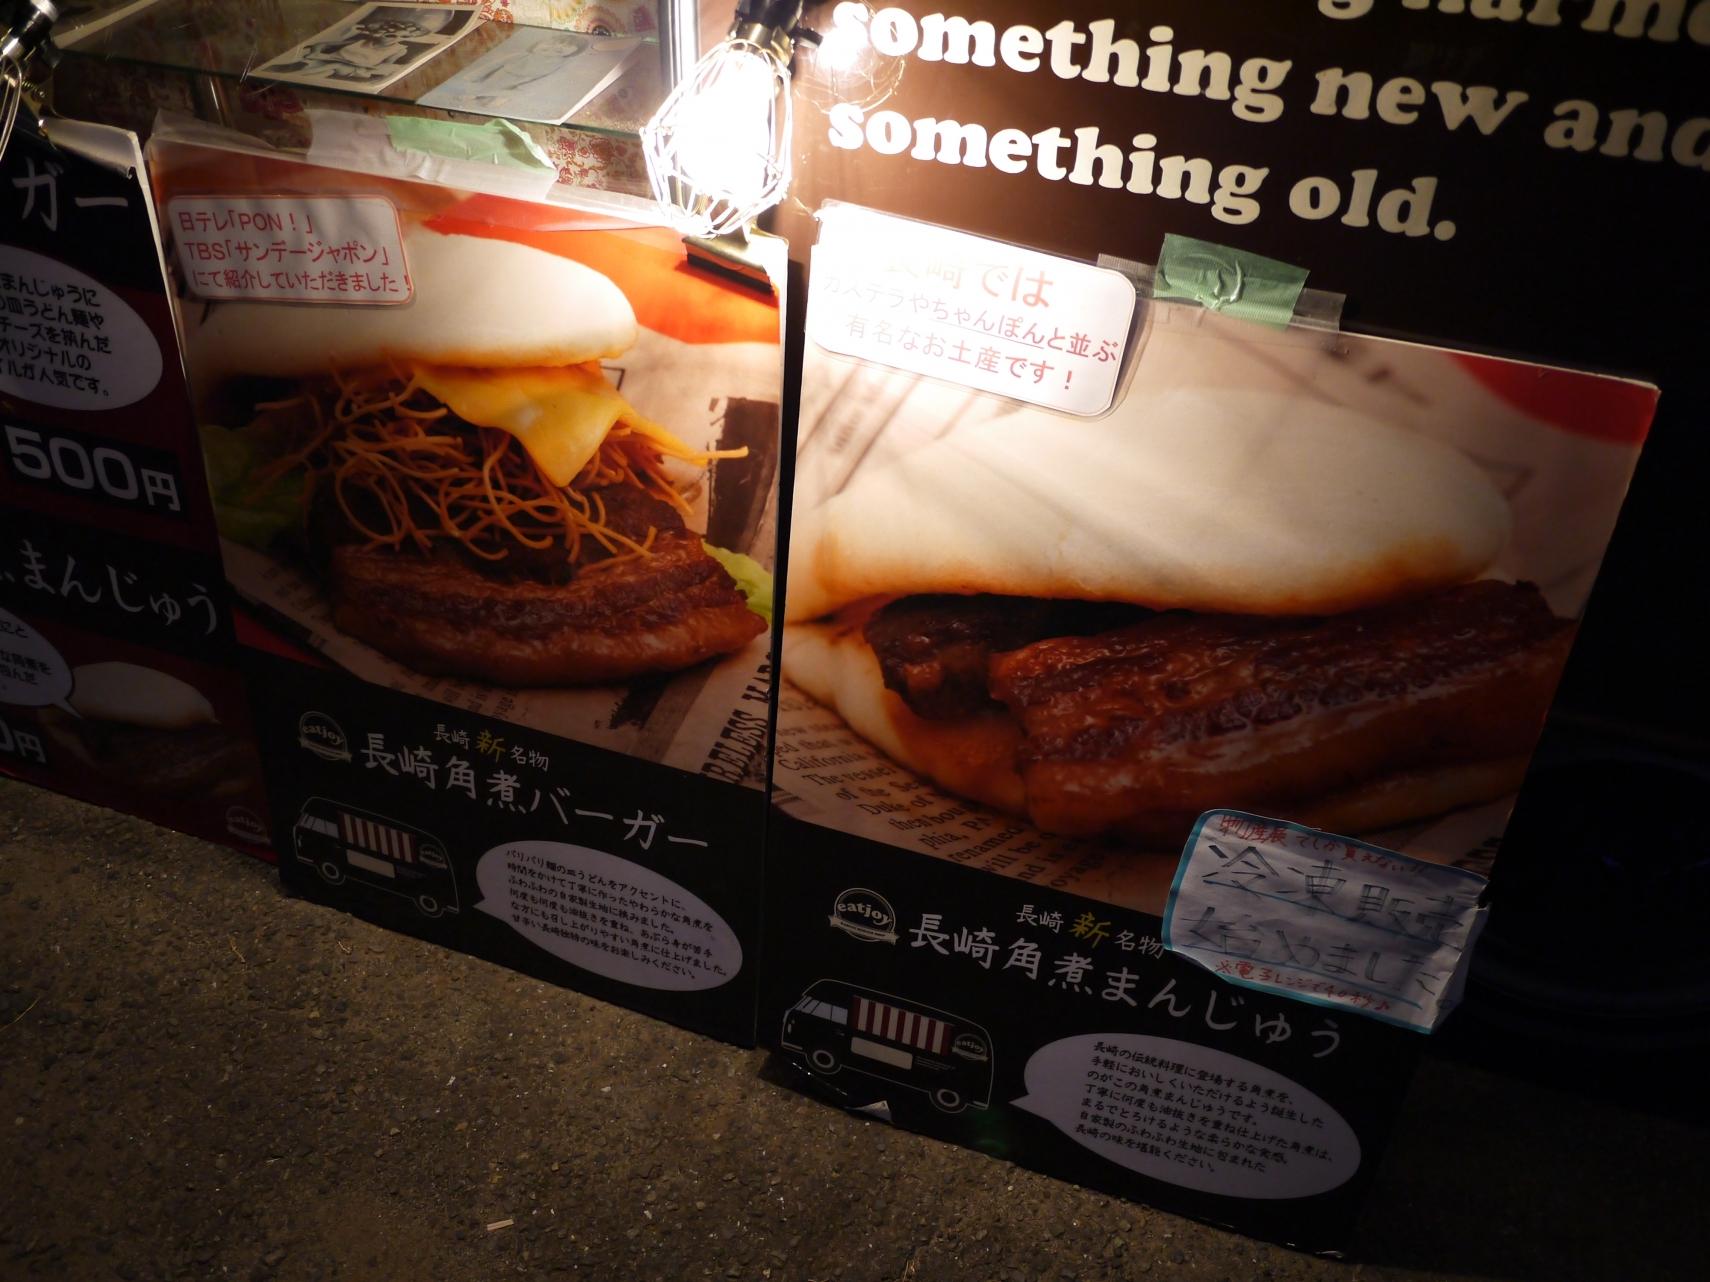 長崎角煮バーガーと長崎角煮まんじゅう